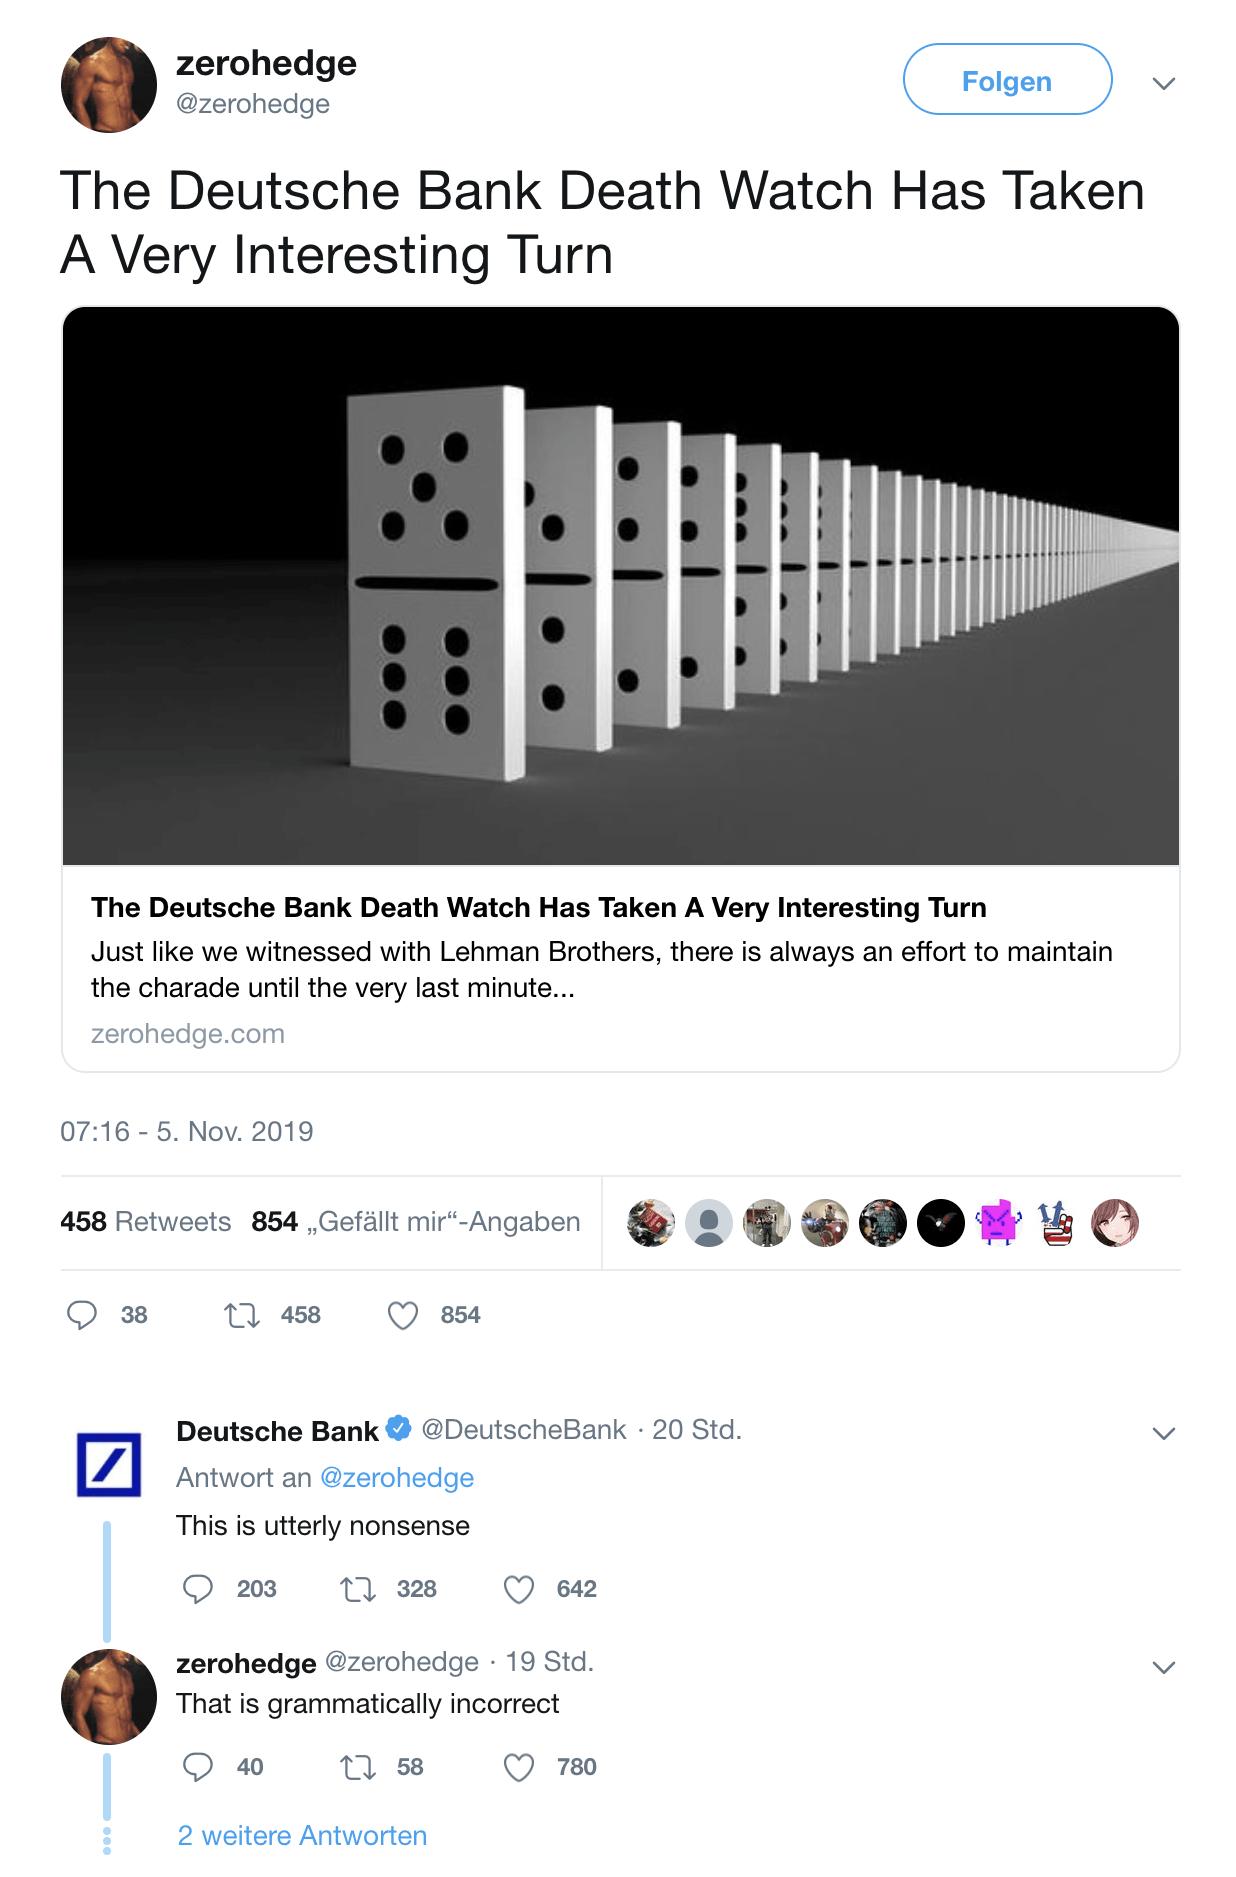 Zerohedge und Deutsche Bank tweeten